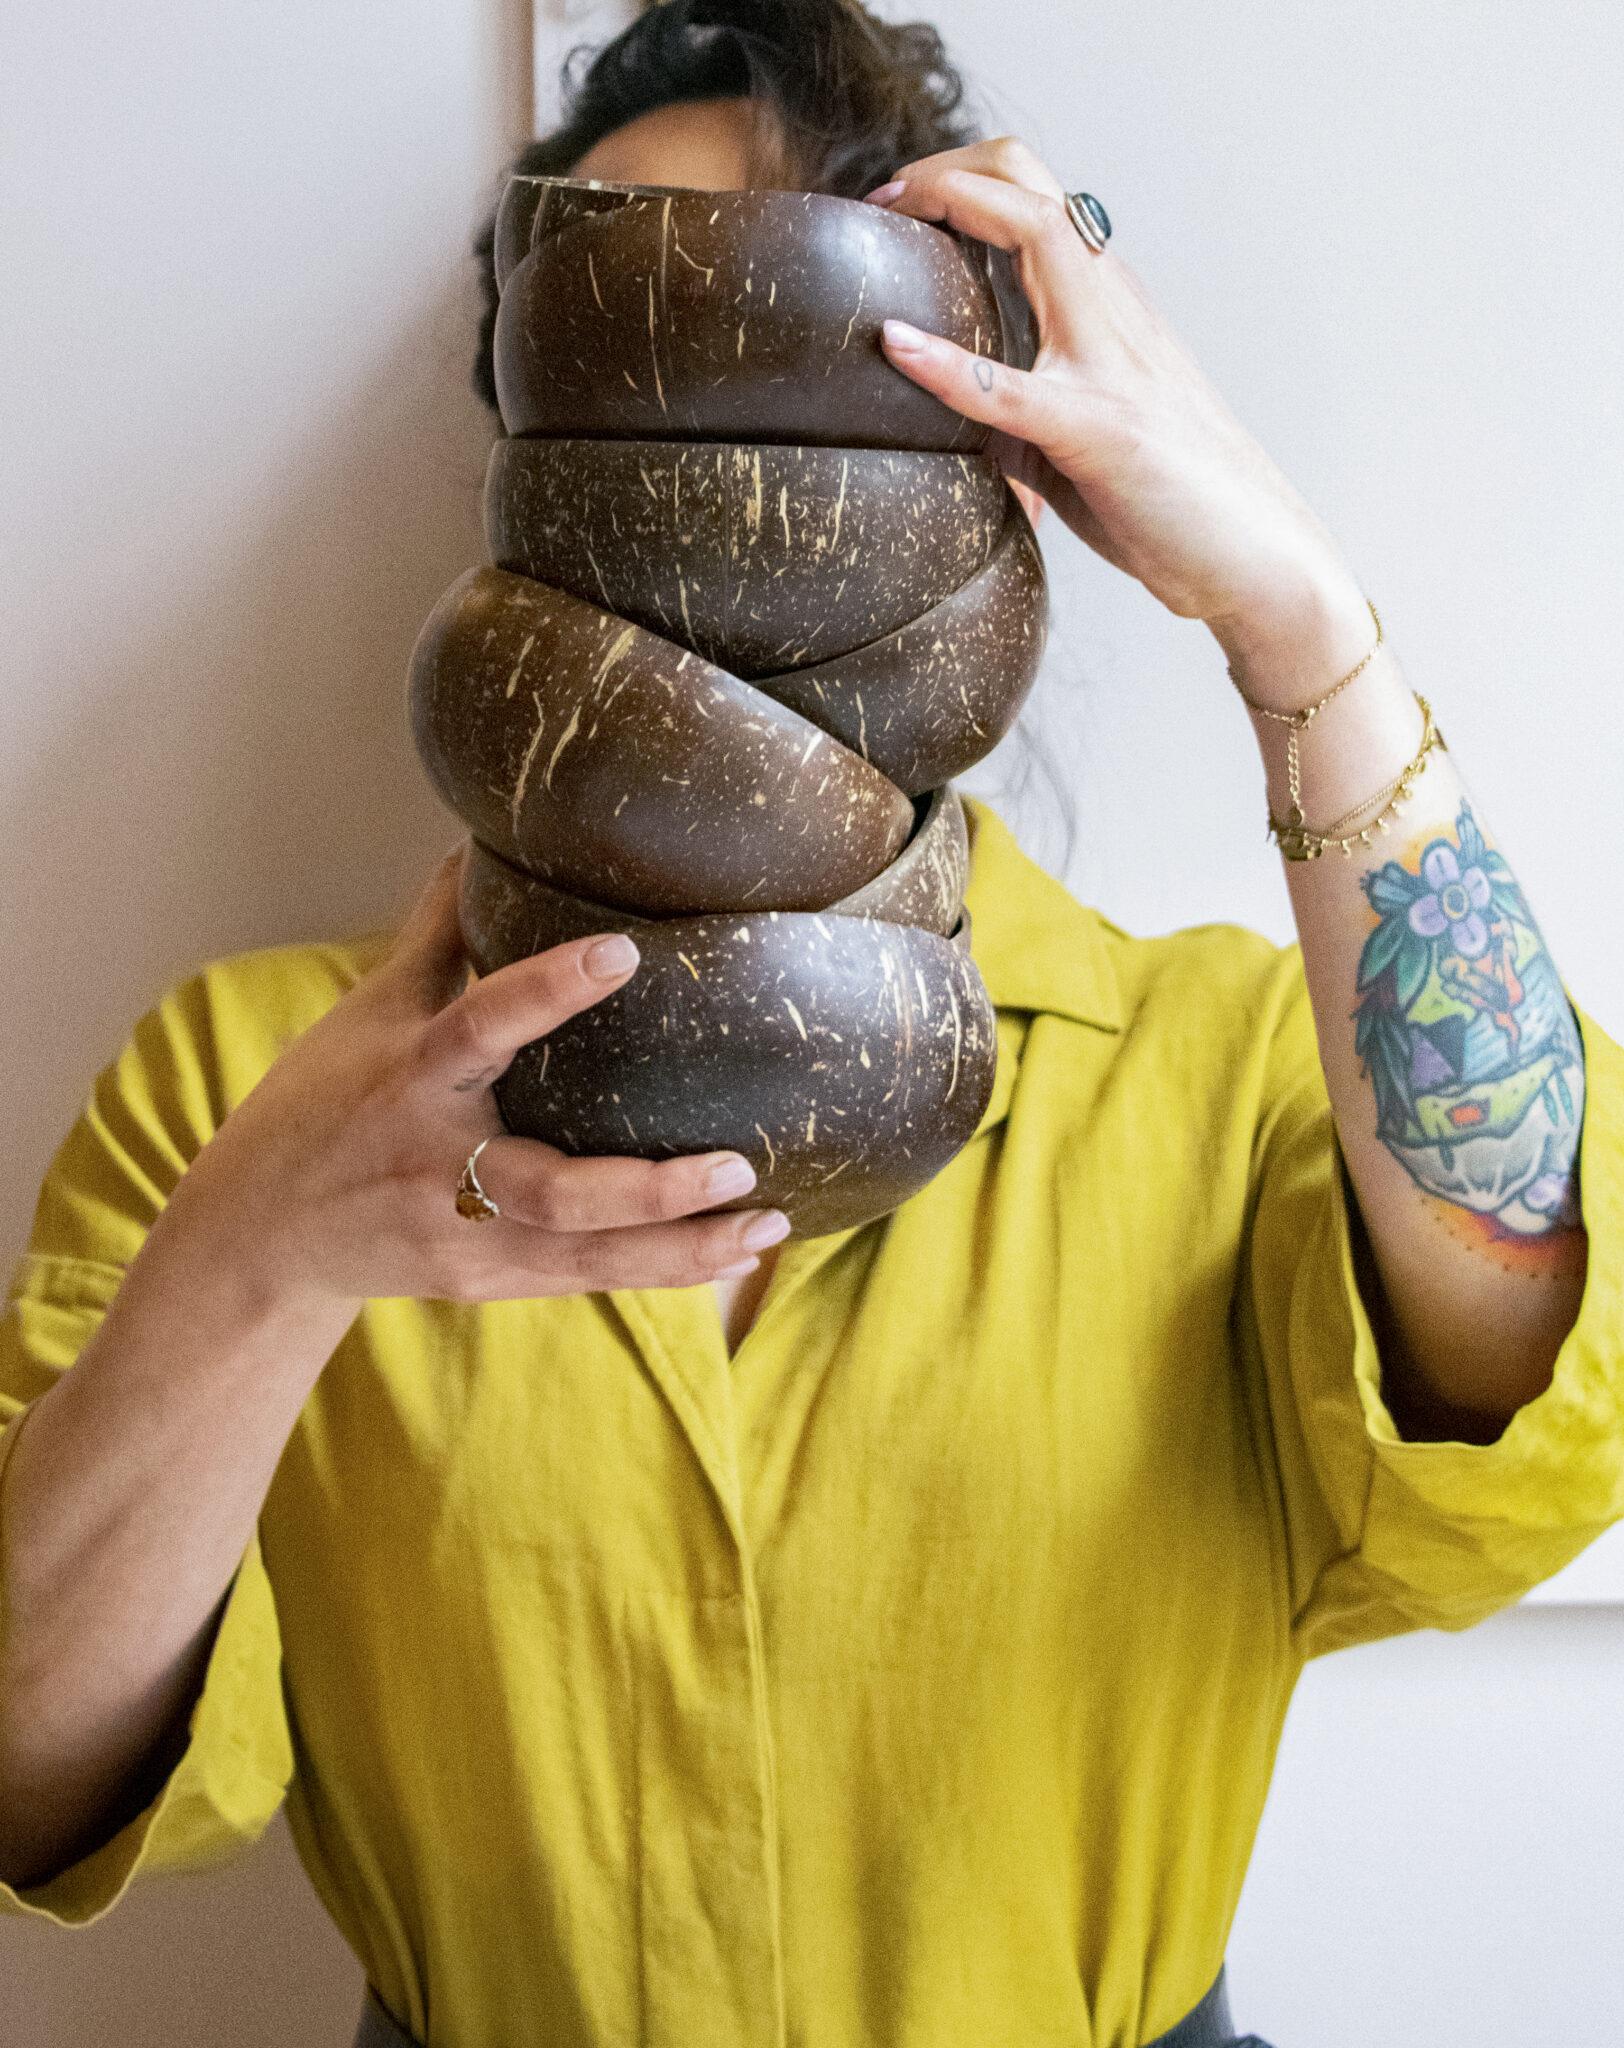 vrouw houdt stapel bakjes vast